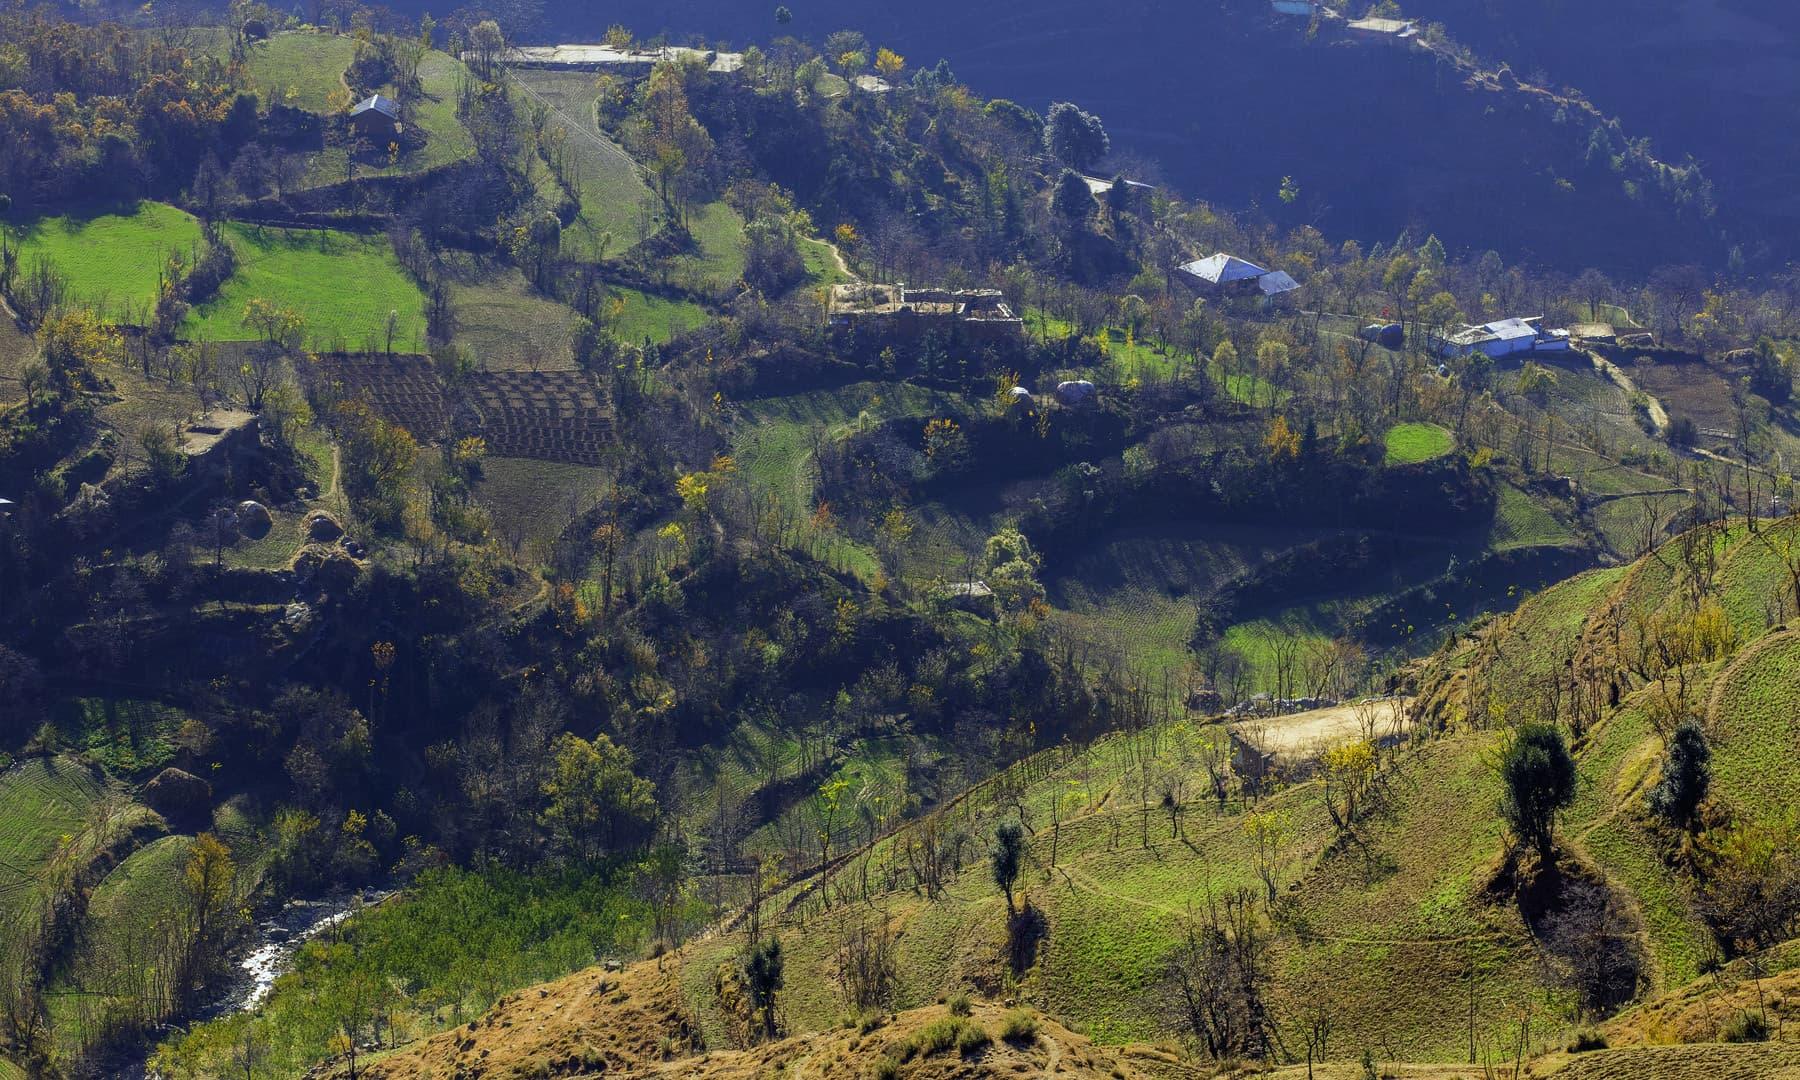 خوازہ خیلہ کے ایک گاؤں کا منظر. — فوٹو سید مہدی بخاری۔